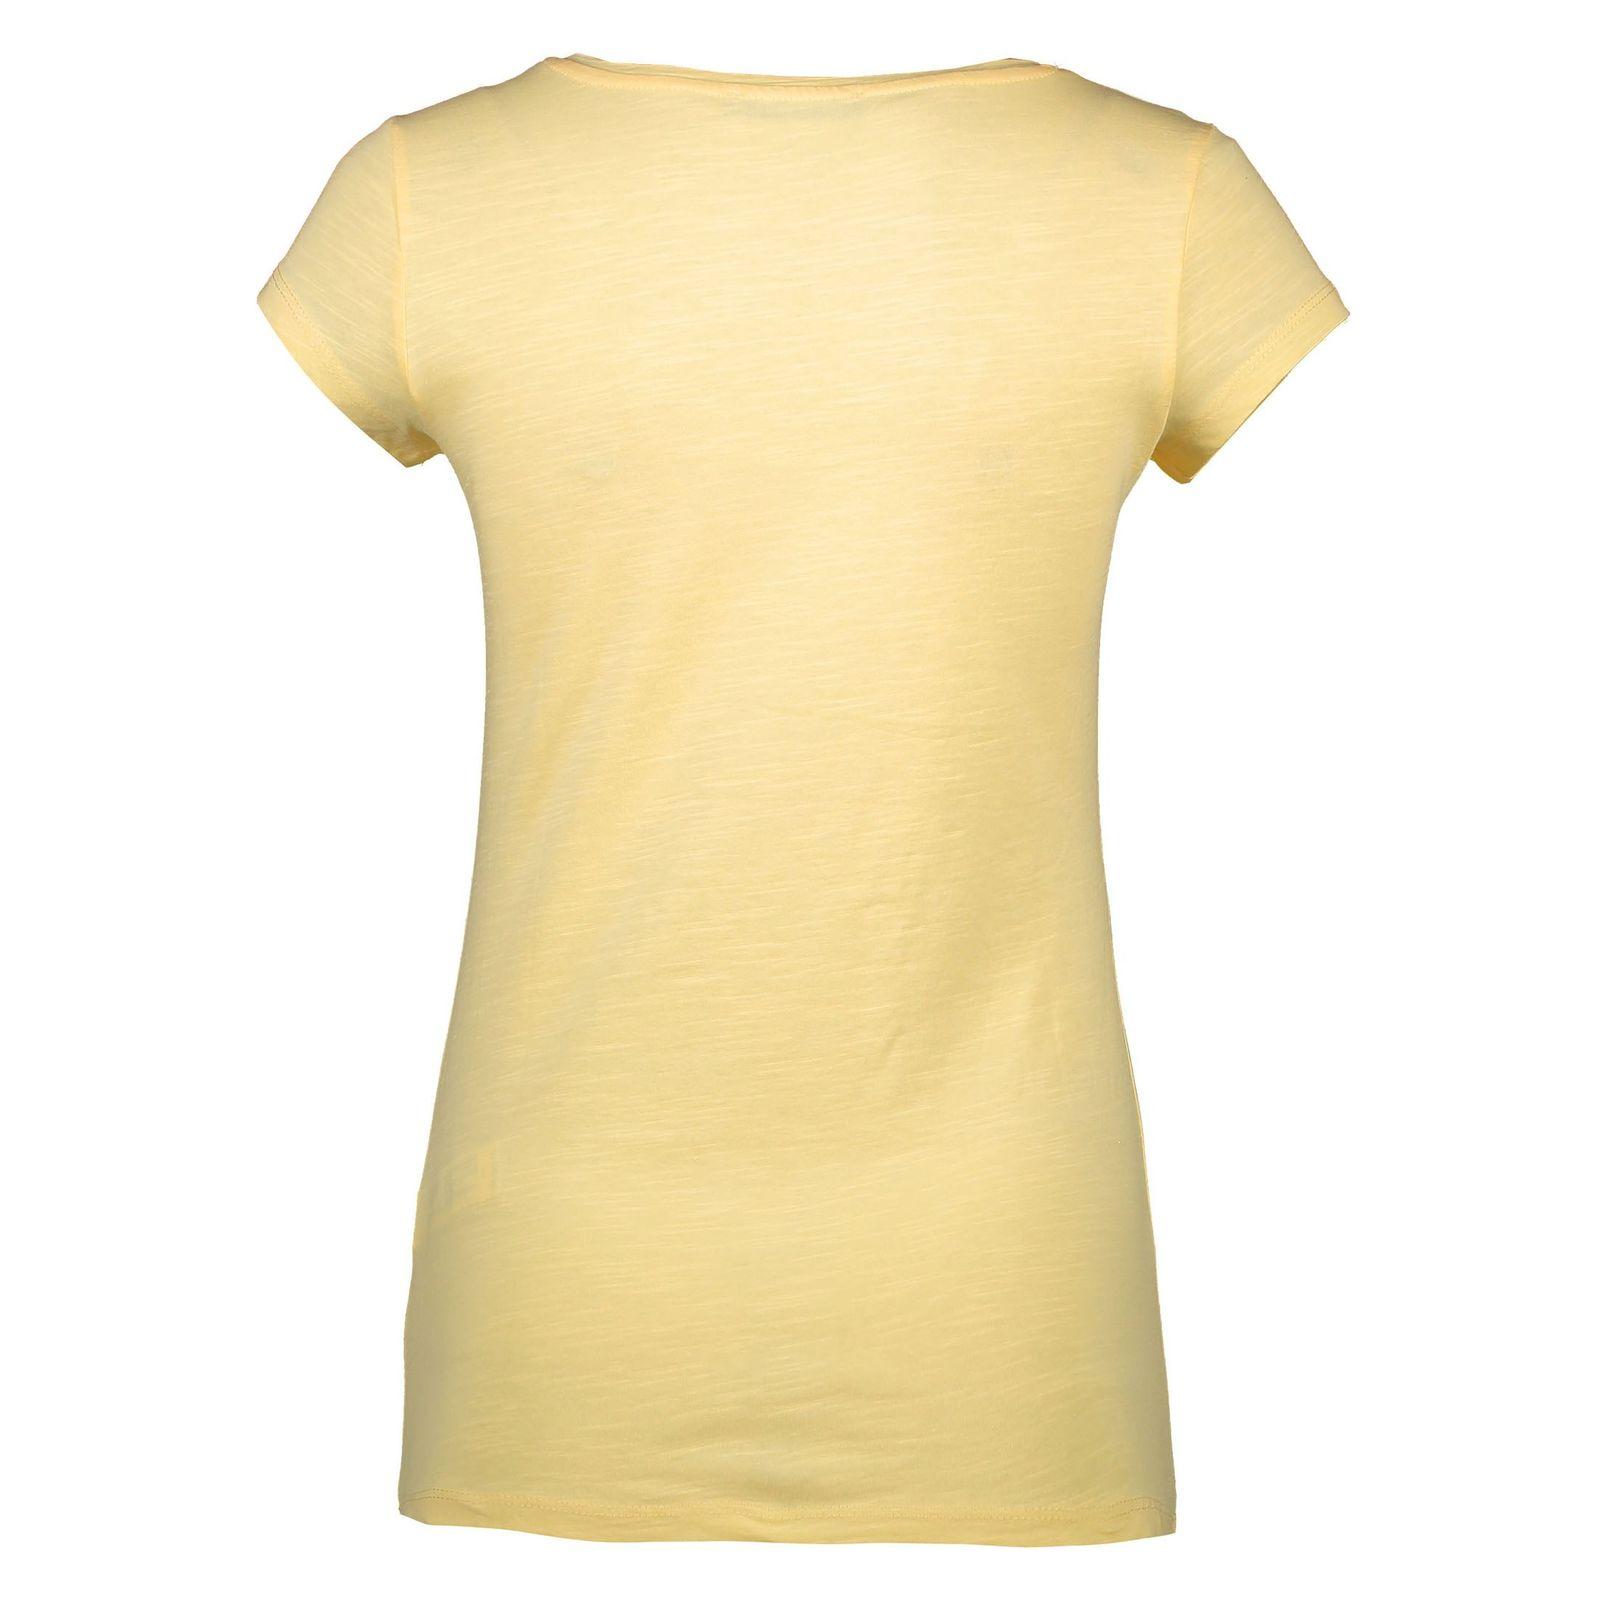 تی شرت نخی یقه هفت زنانه - ال سی وایکیکی - زرد - 4